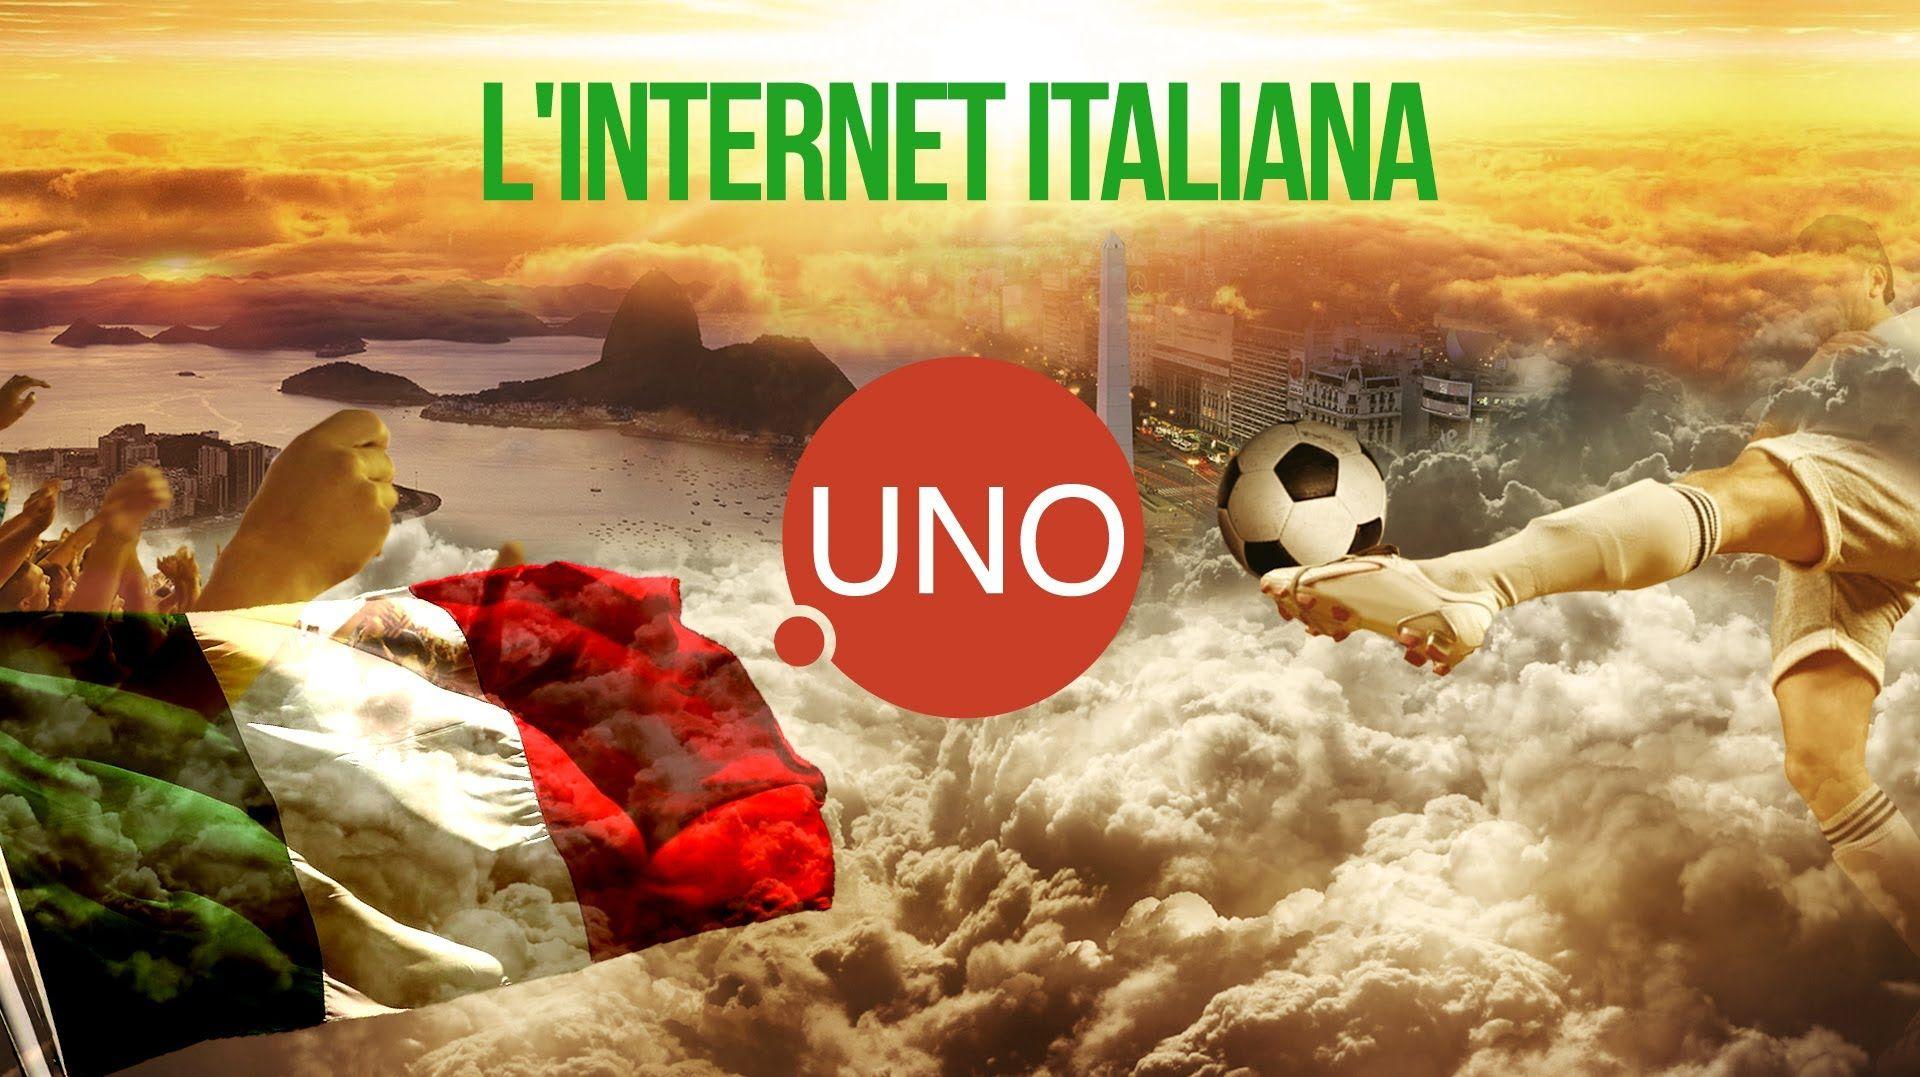 L'Internet Italiana - Dominio .UNO